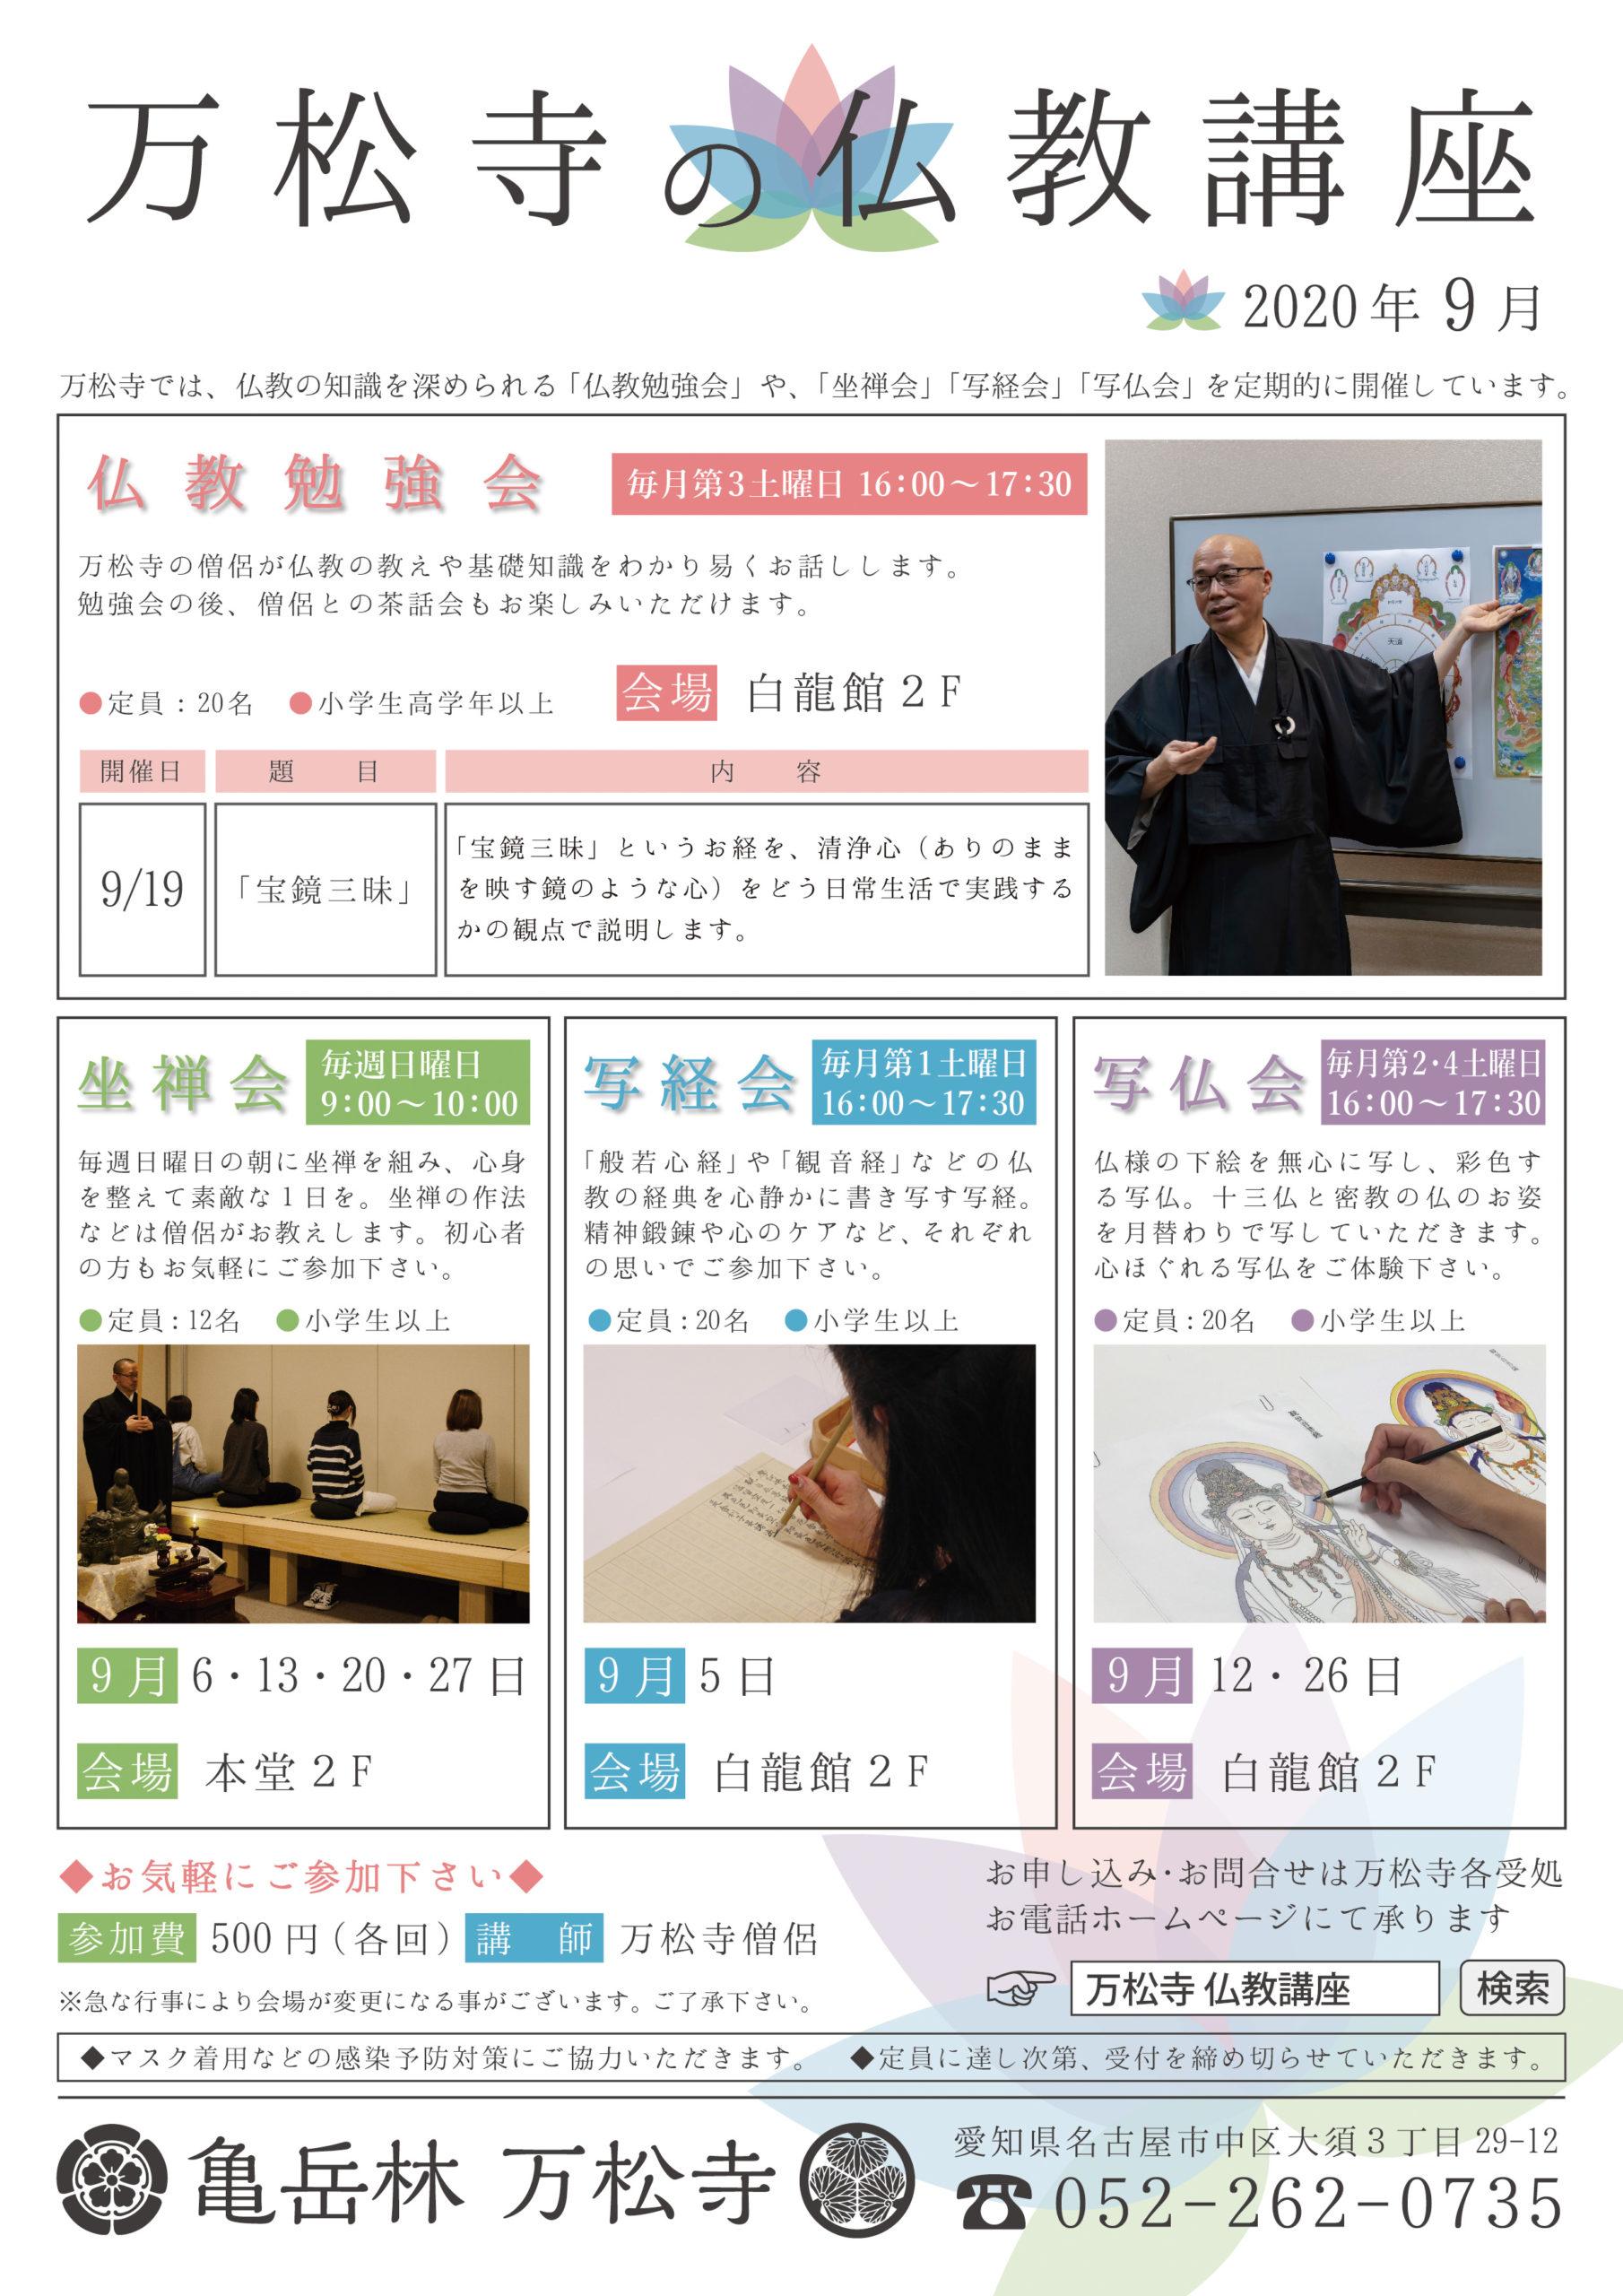 万松寺 9月の仏教講座